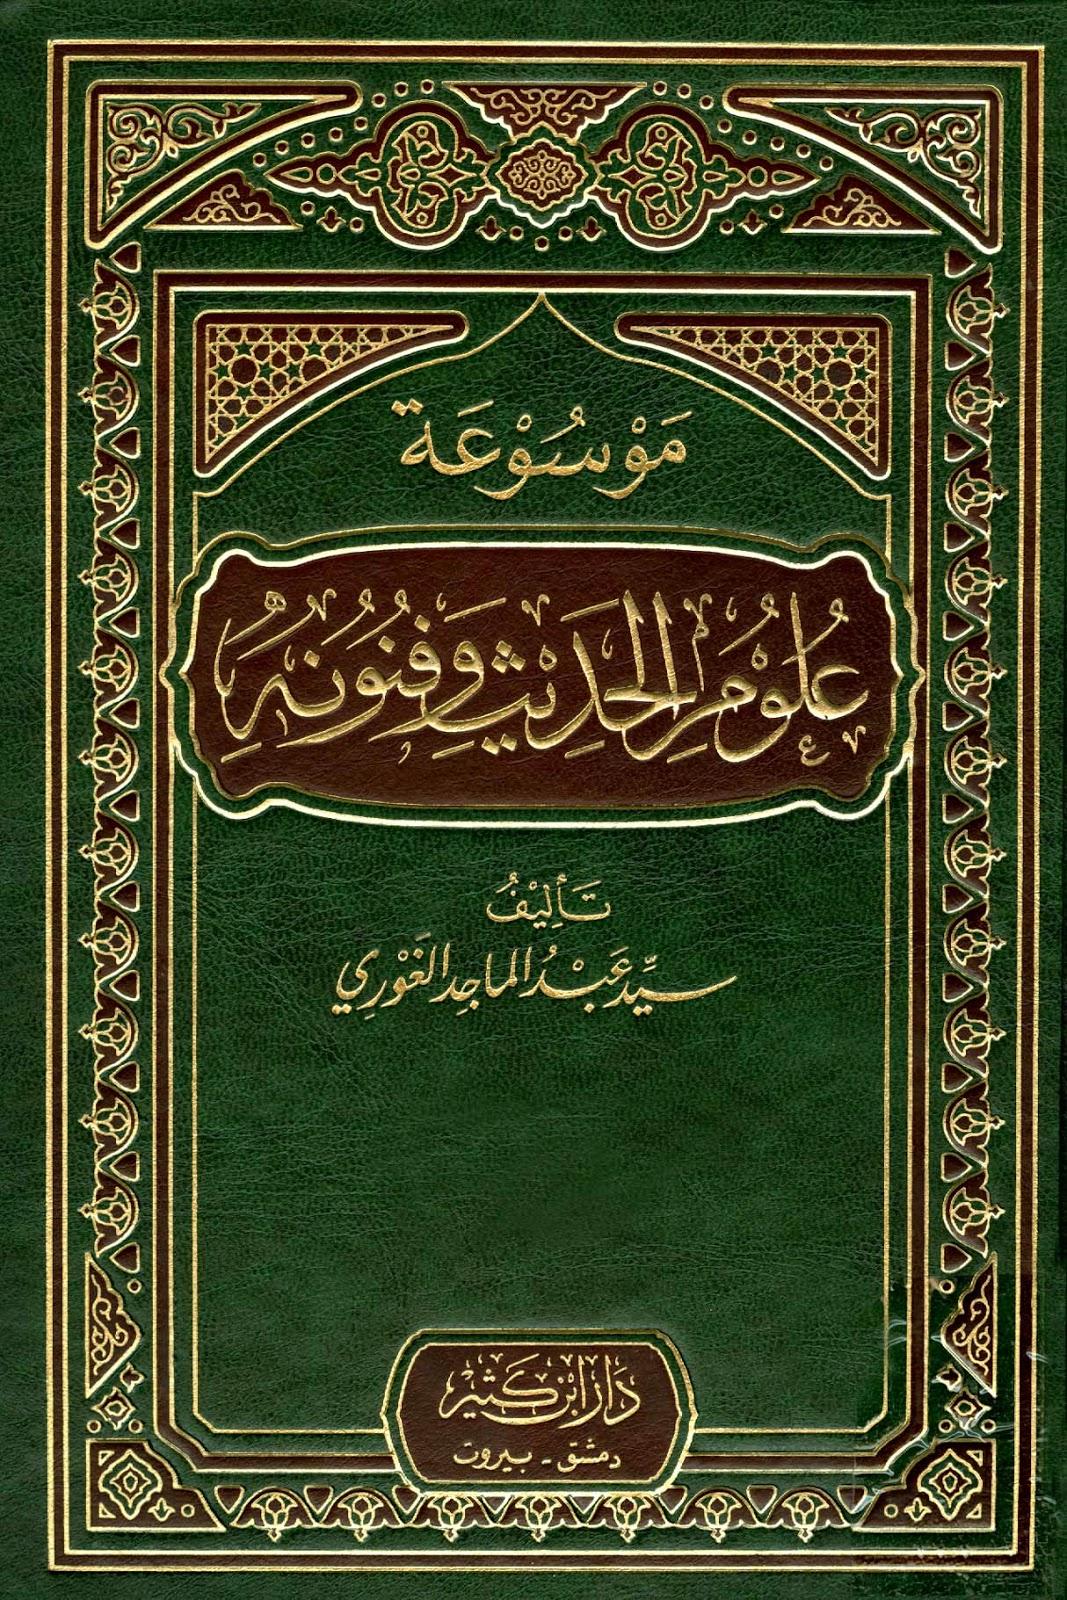 موسوعة علوم الحديث وفنونه - سيد عبد الماجد الغوري pdf